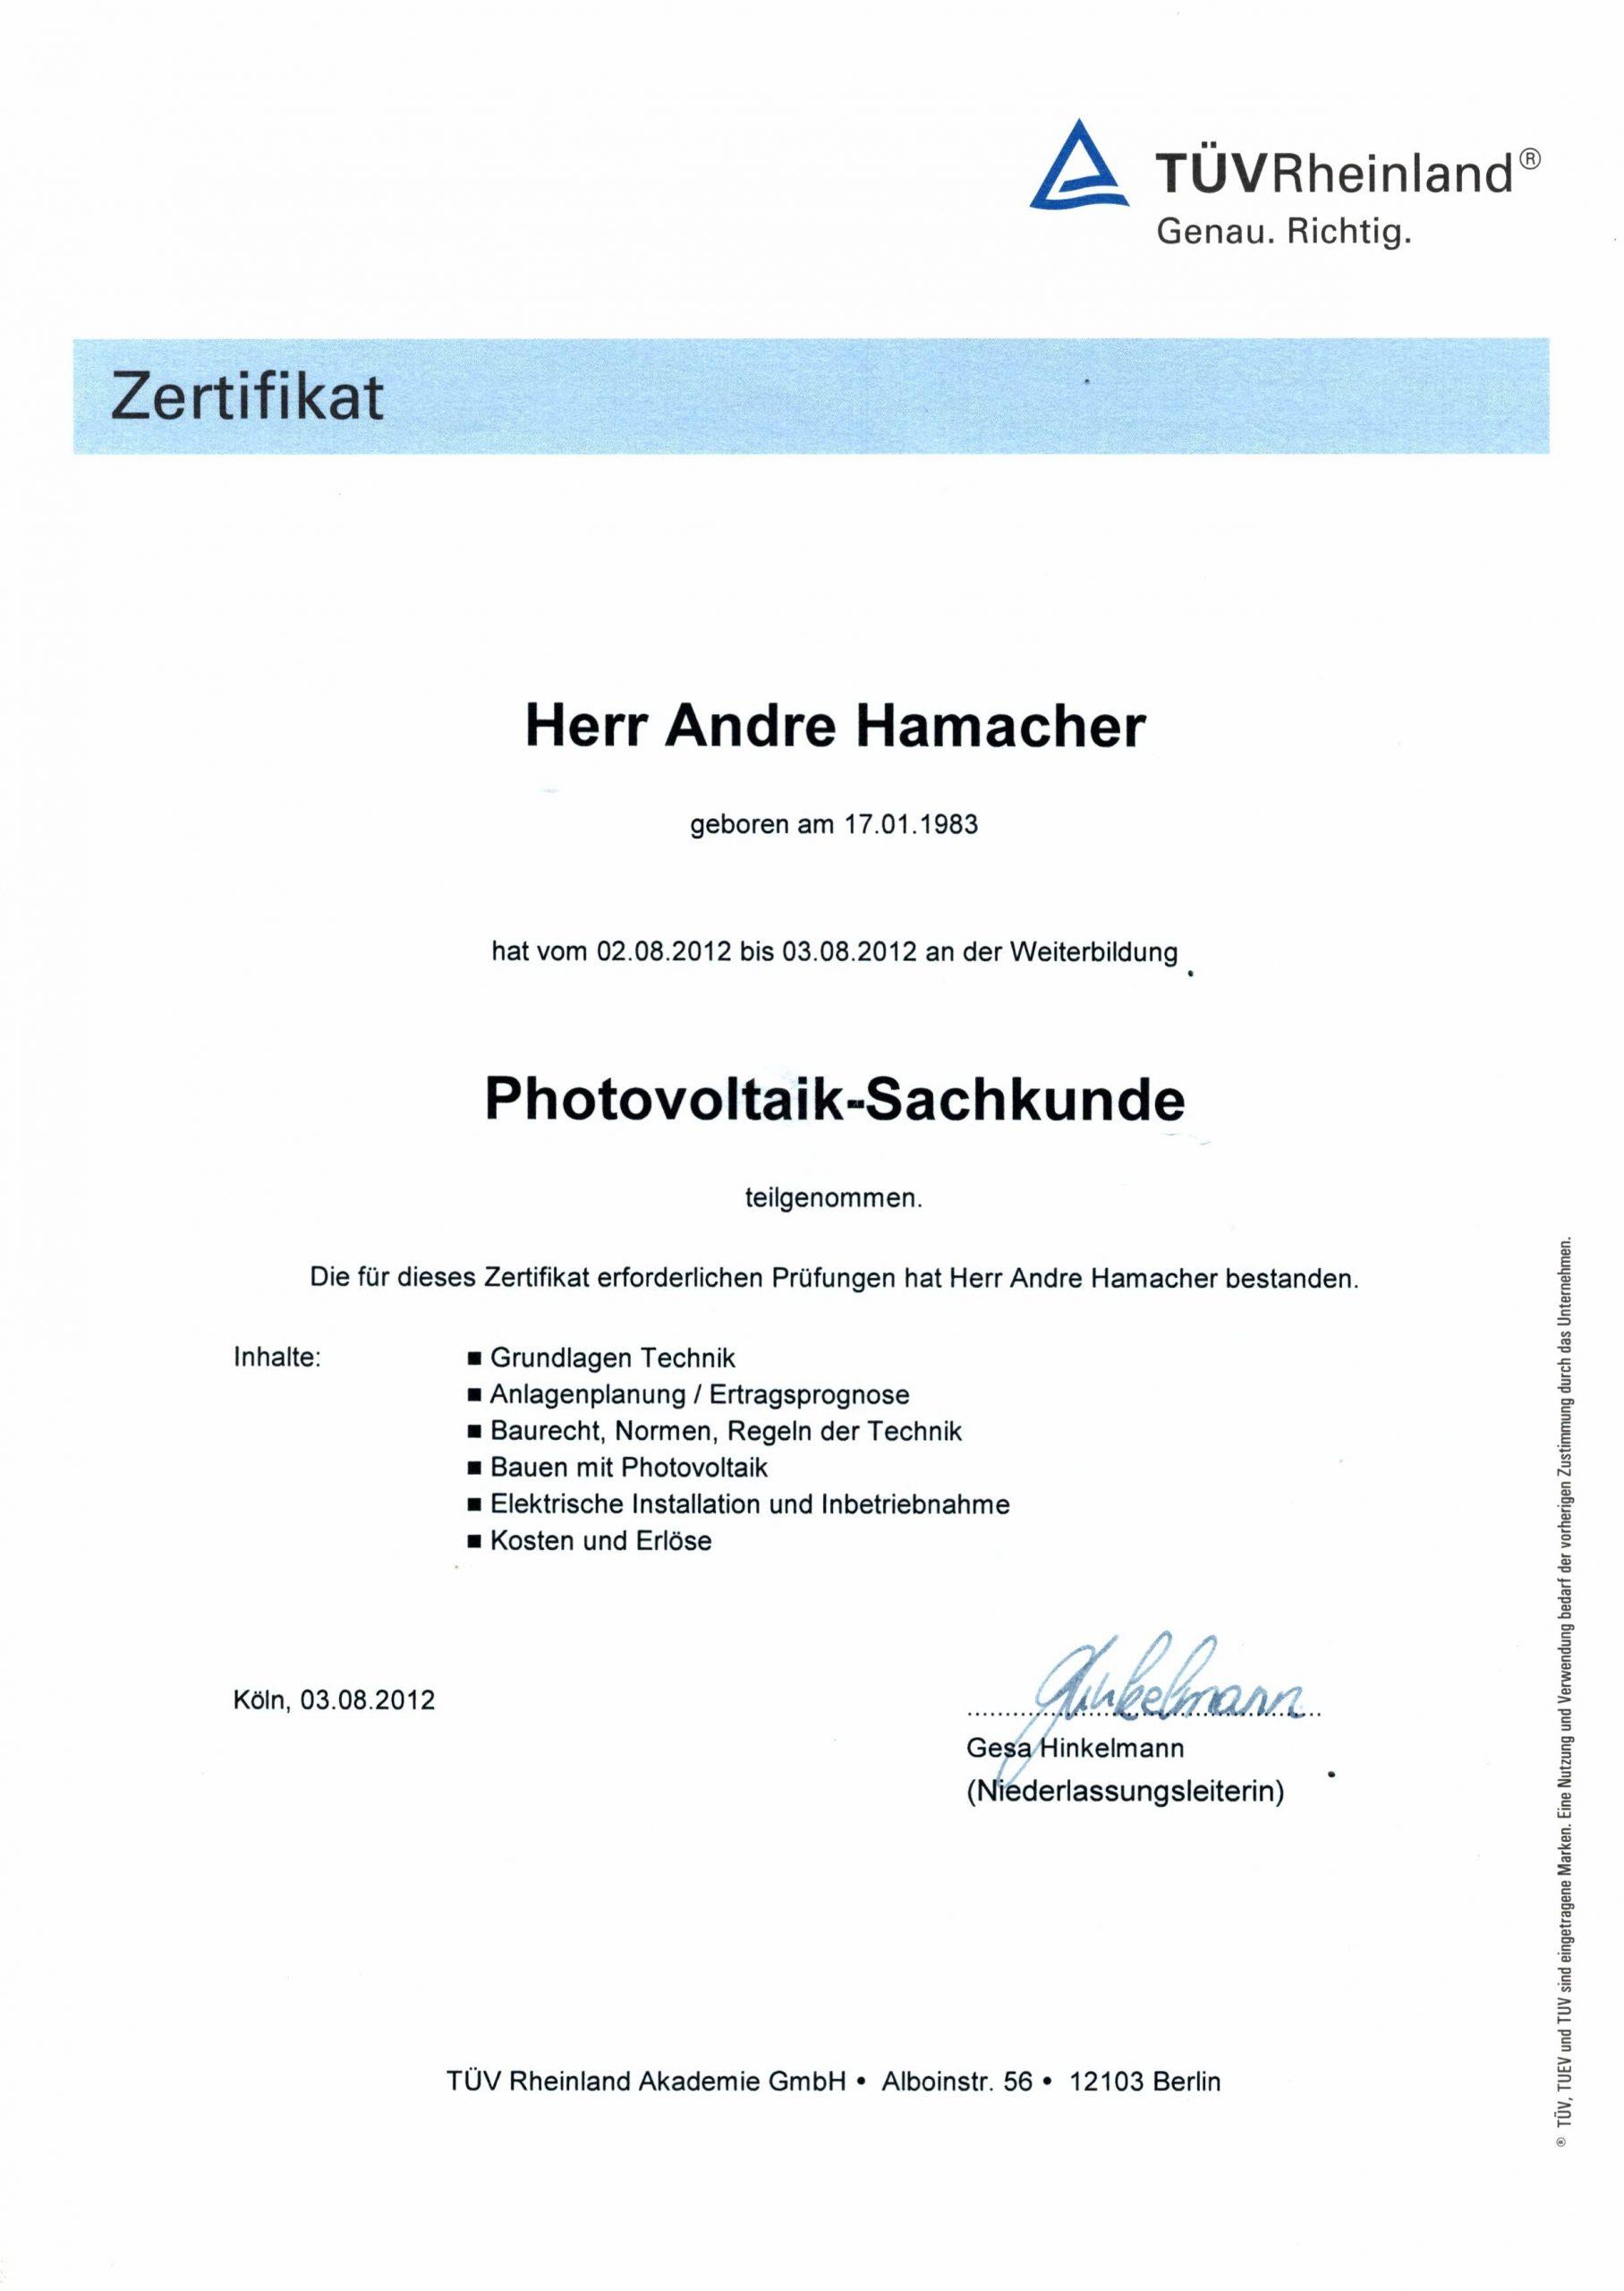 Zertifikat Photovoltaik-Sachkunde